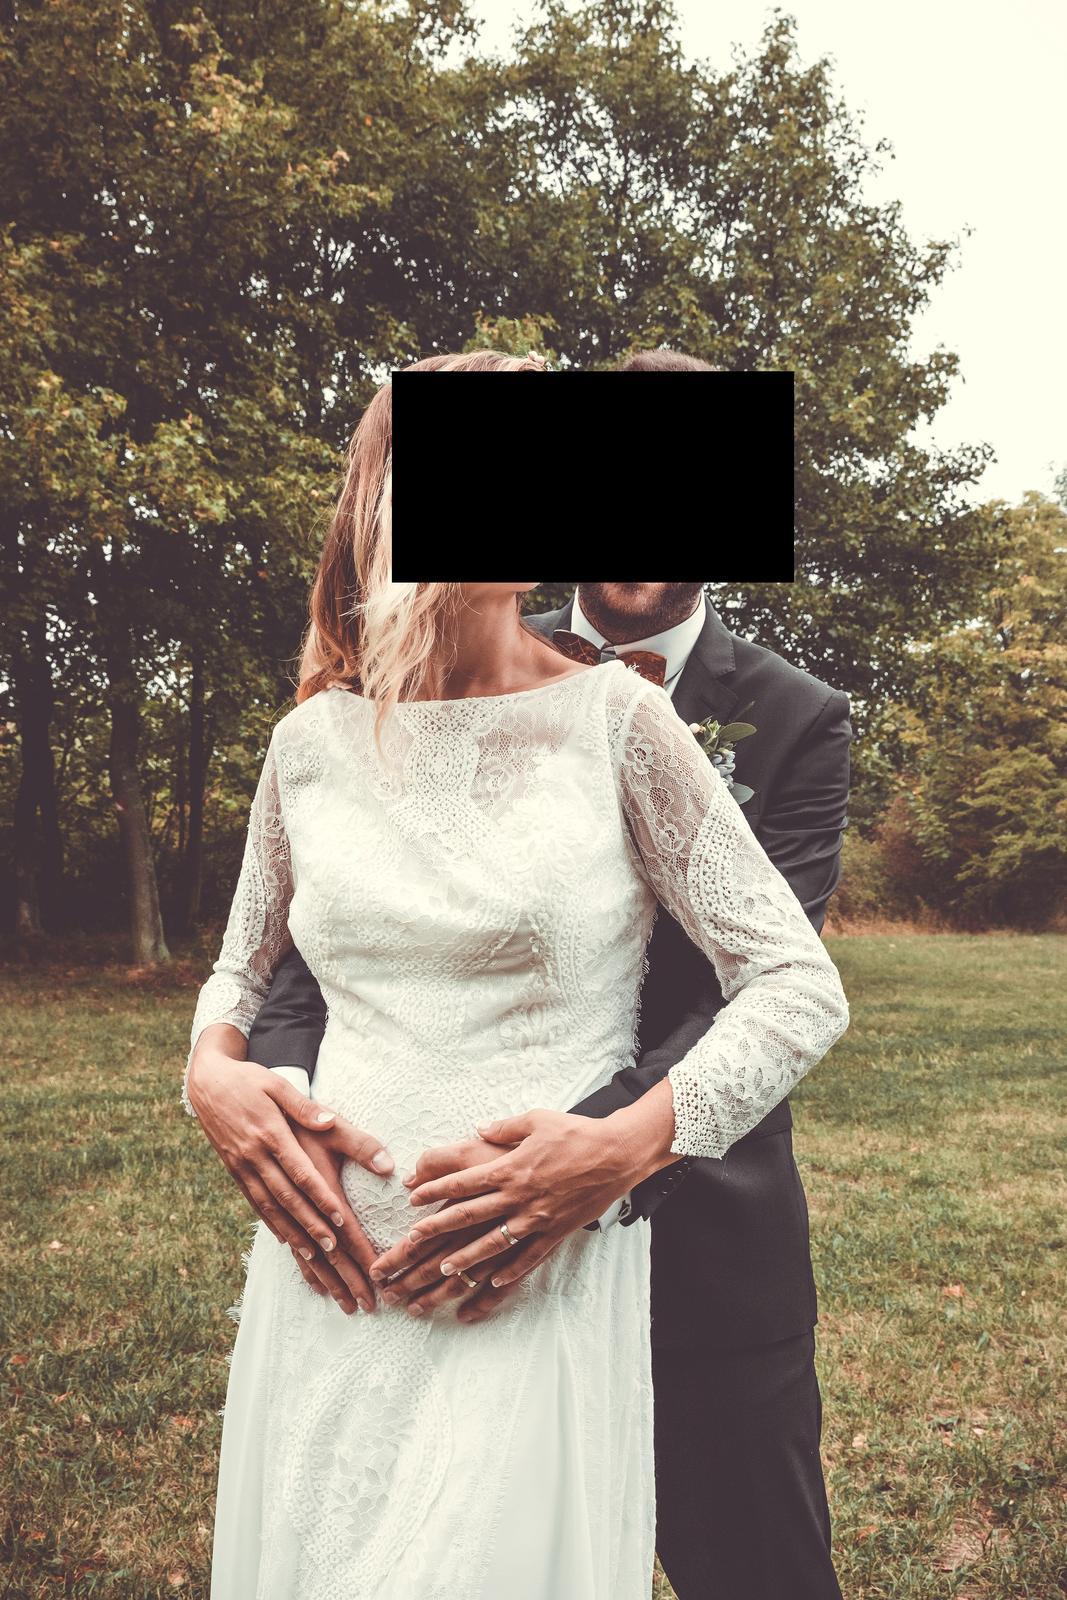 svatební šaty boho styl - Obrázek č. 2